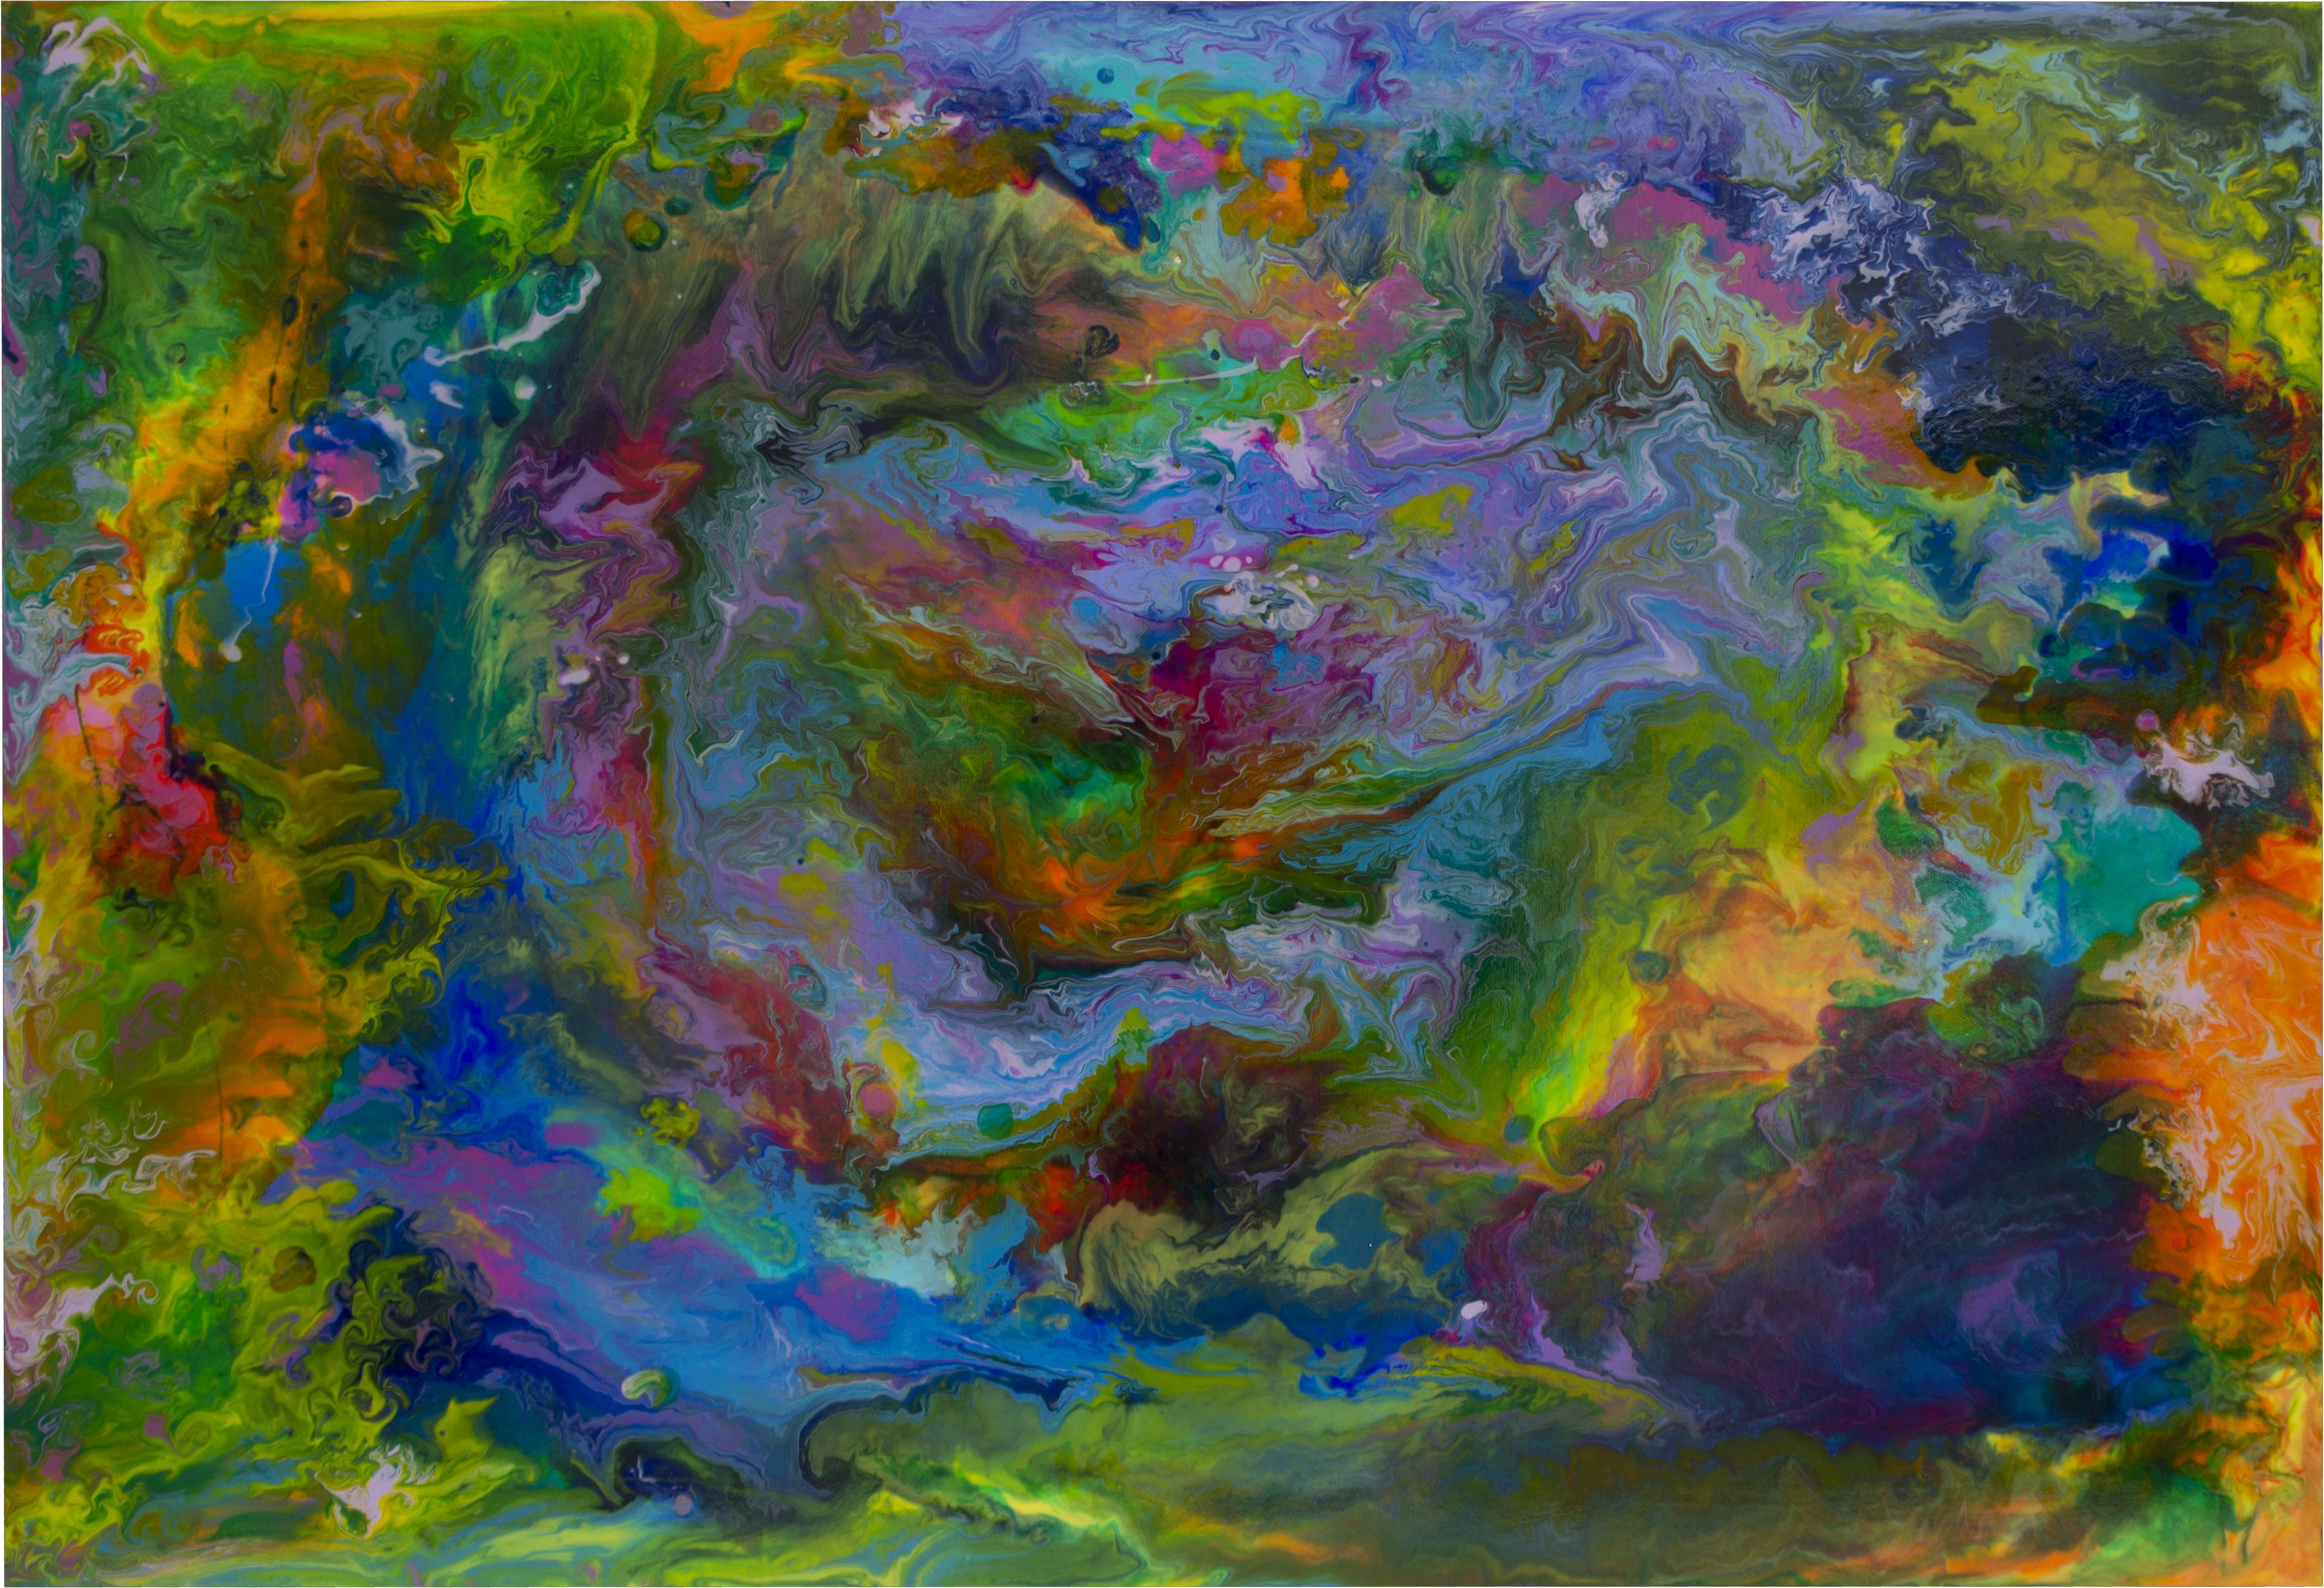 アクリル絵の具とメディウムによる習作。色を混ぜ合わせるとどんなふうに見えるのかを実験した